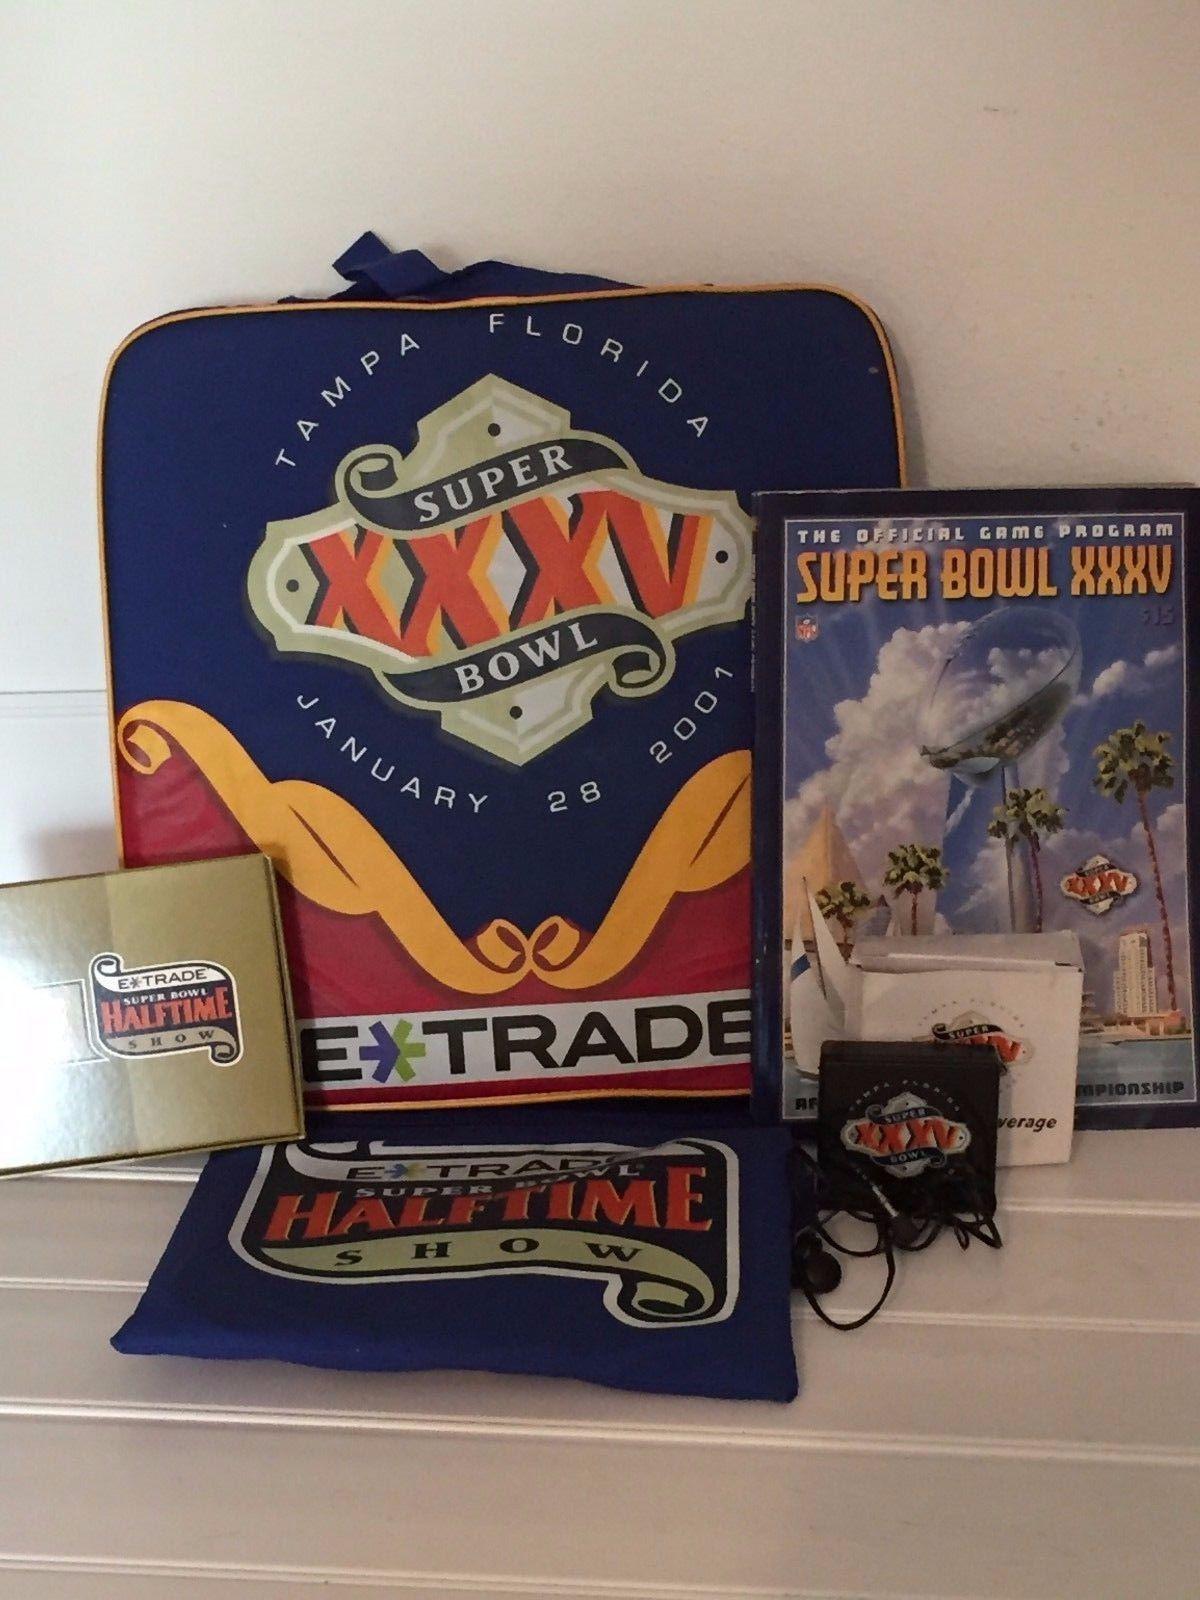 Superbowl xxxv 2001 Seat Lot Souvenir Program Football